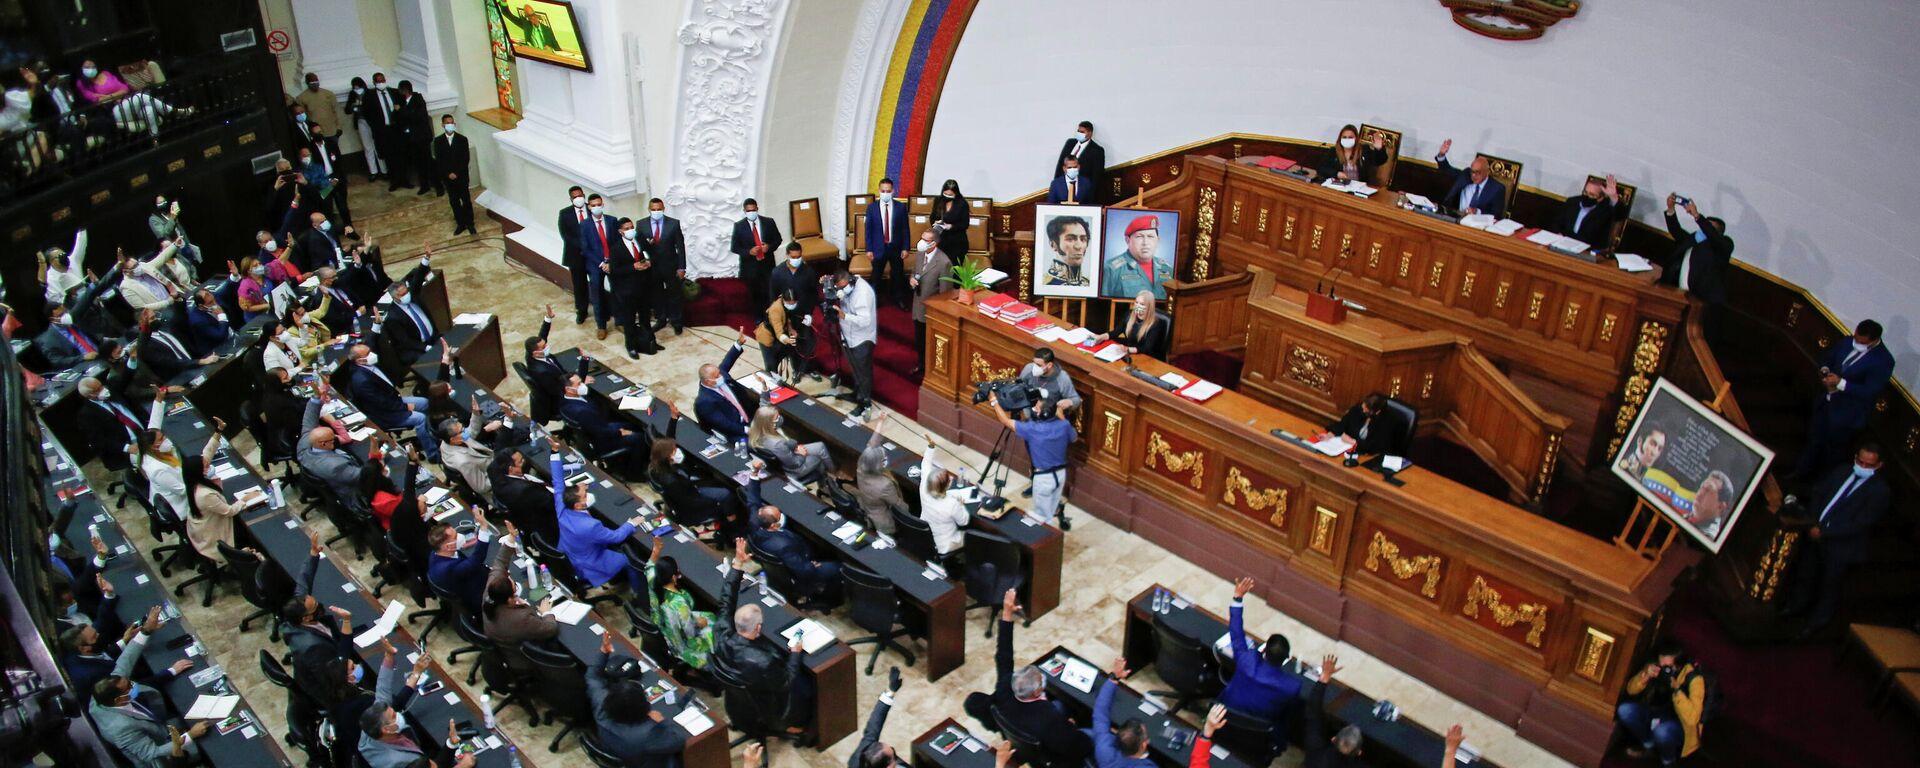 La seseión de elección de un nuevo Consejo Nacional Electoral en la Asamblea Nacional de Venezuela - Sputnik Mundo, 1920, 06.05.2021